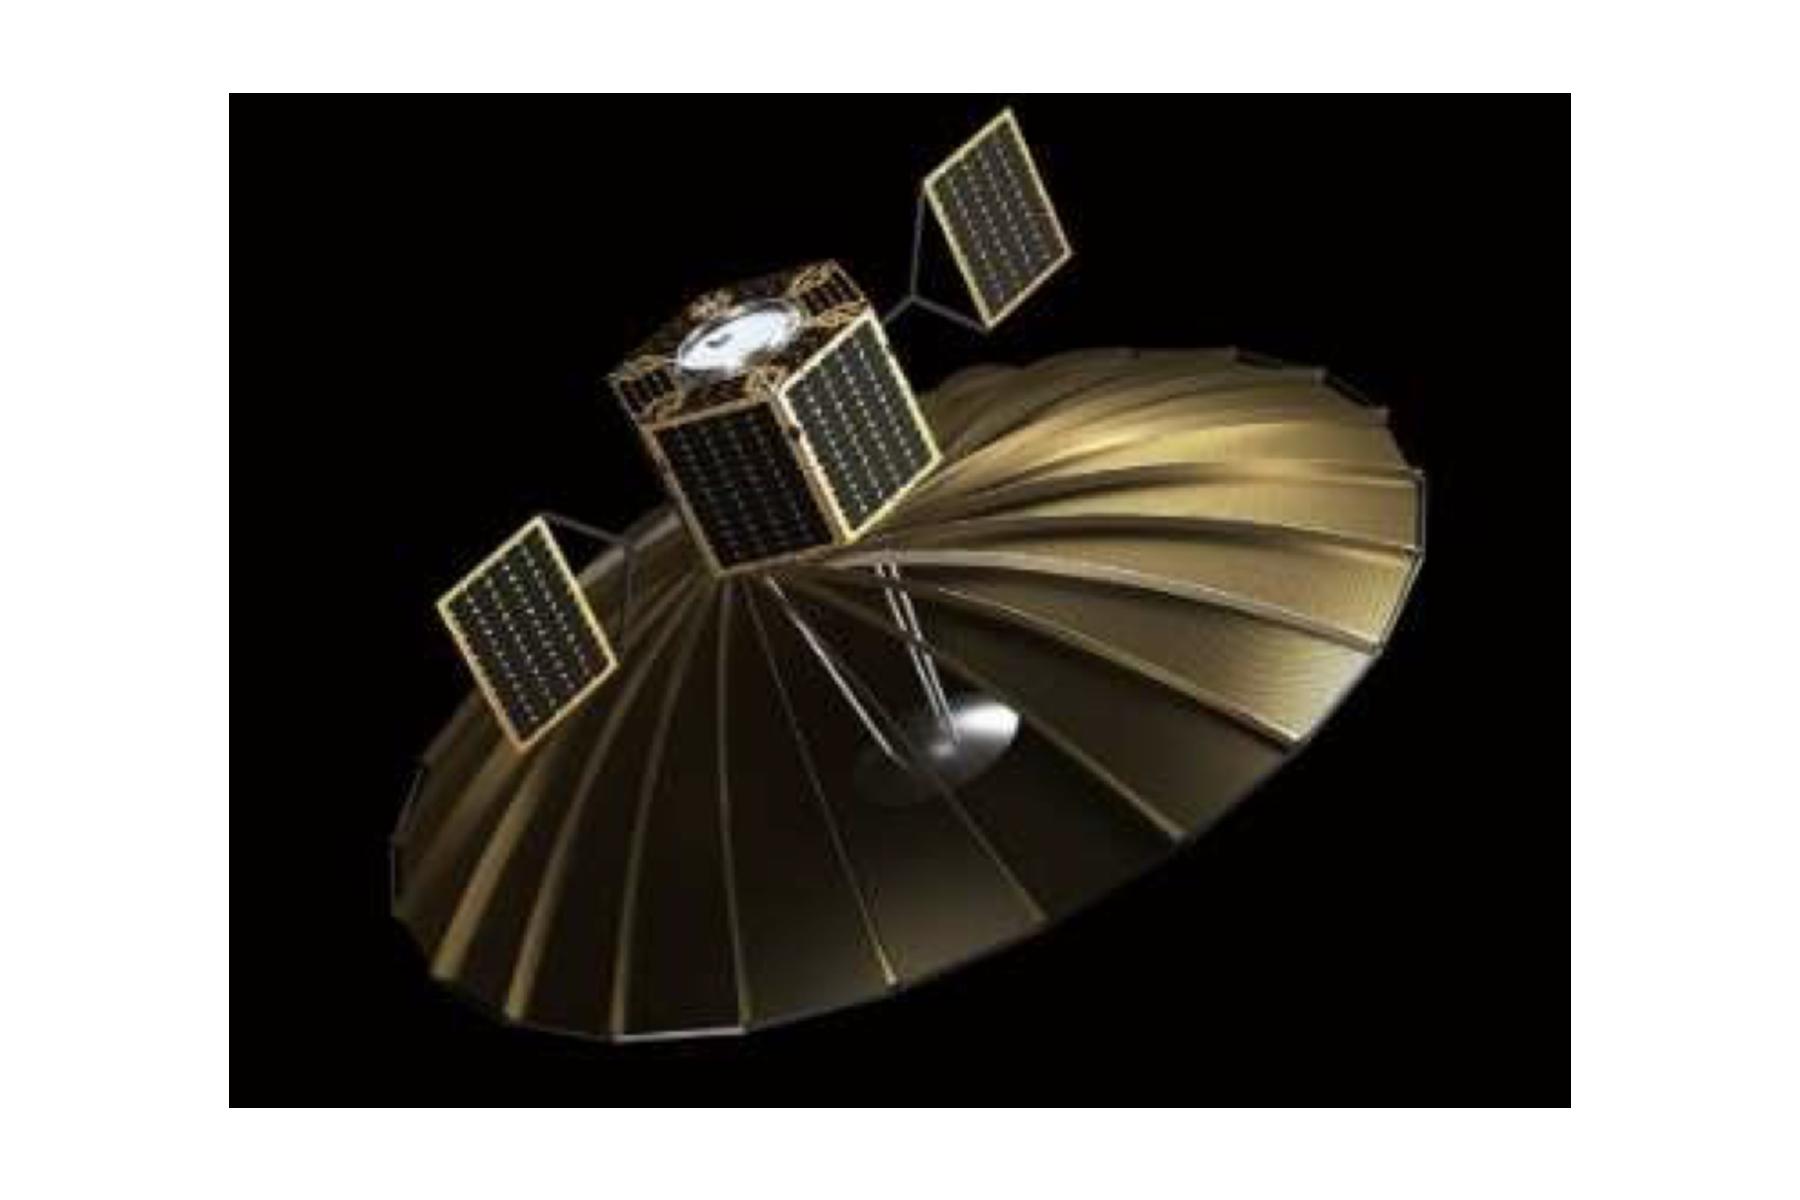 【九州電力×QPS研究所】 「電力設備の実測データ」と「衛星の観測データ」の比較により、インフラ管理・防災対策へ